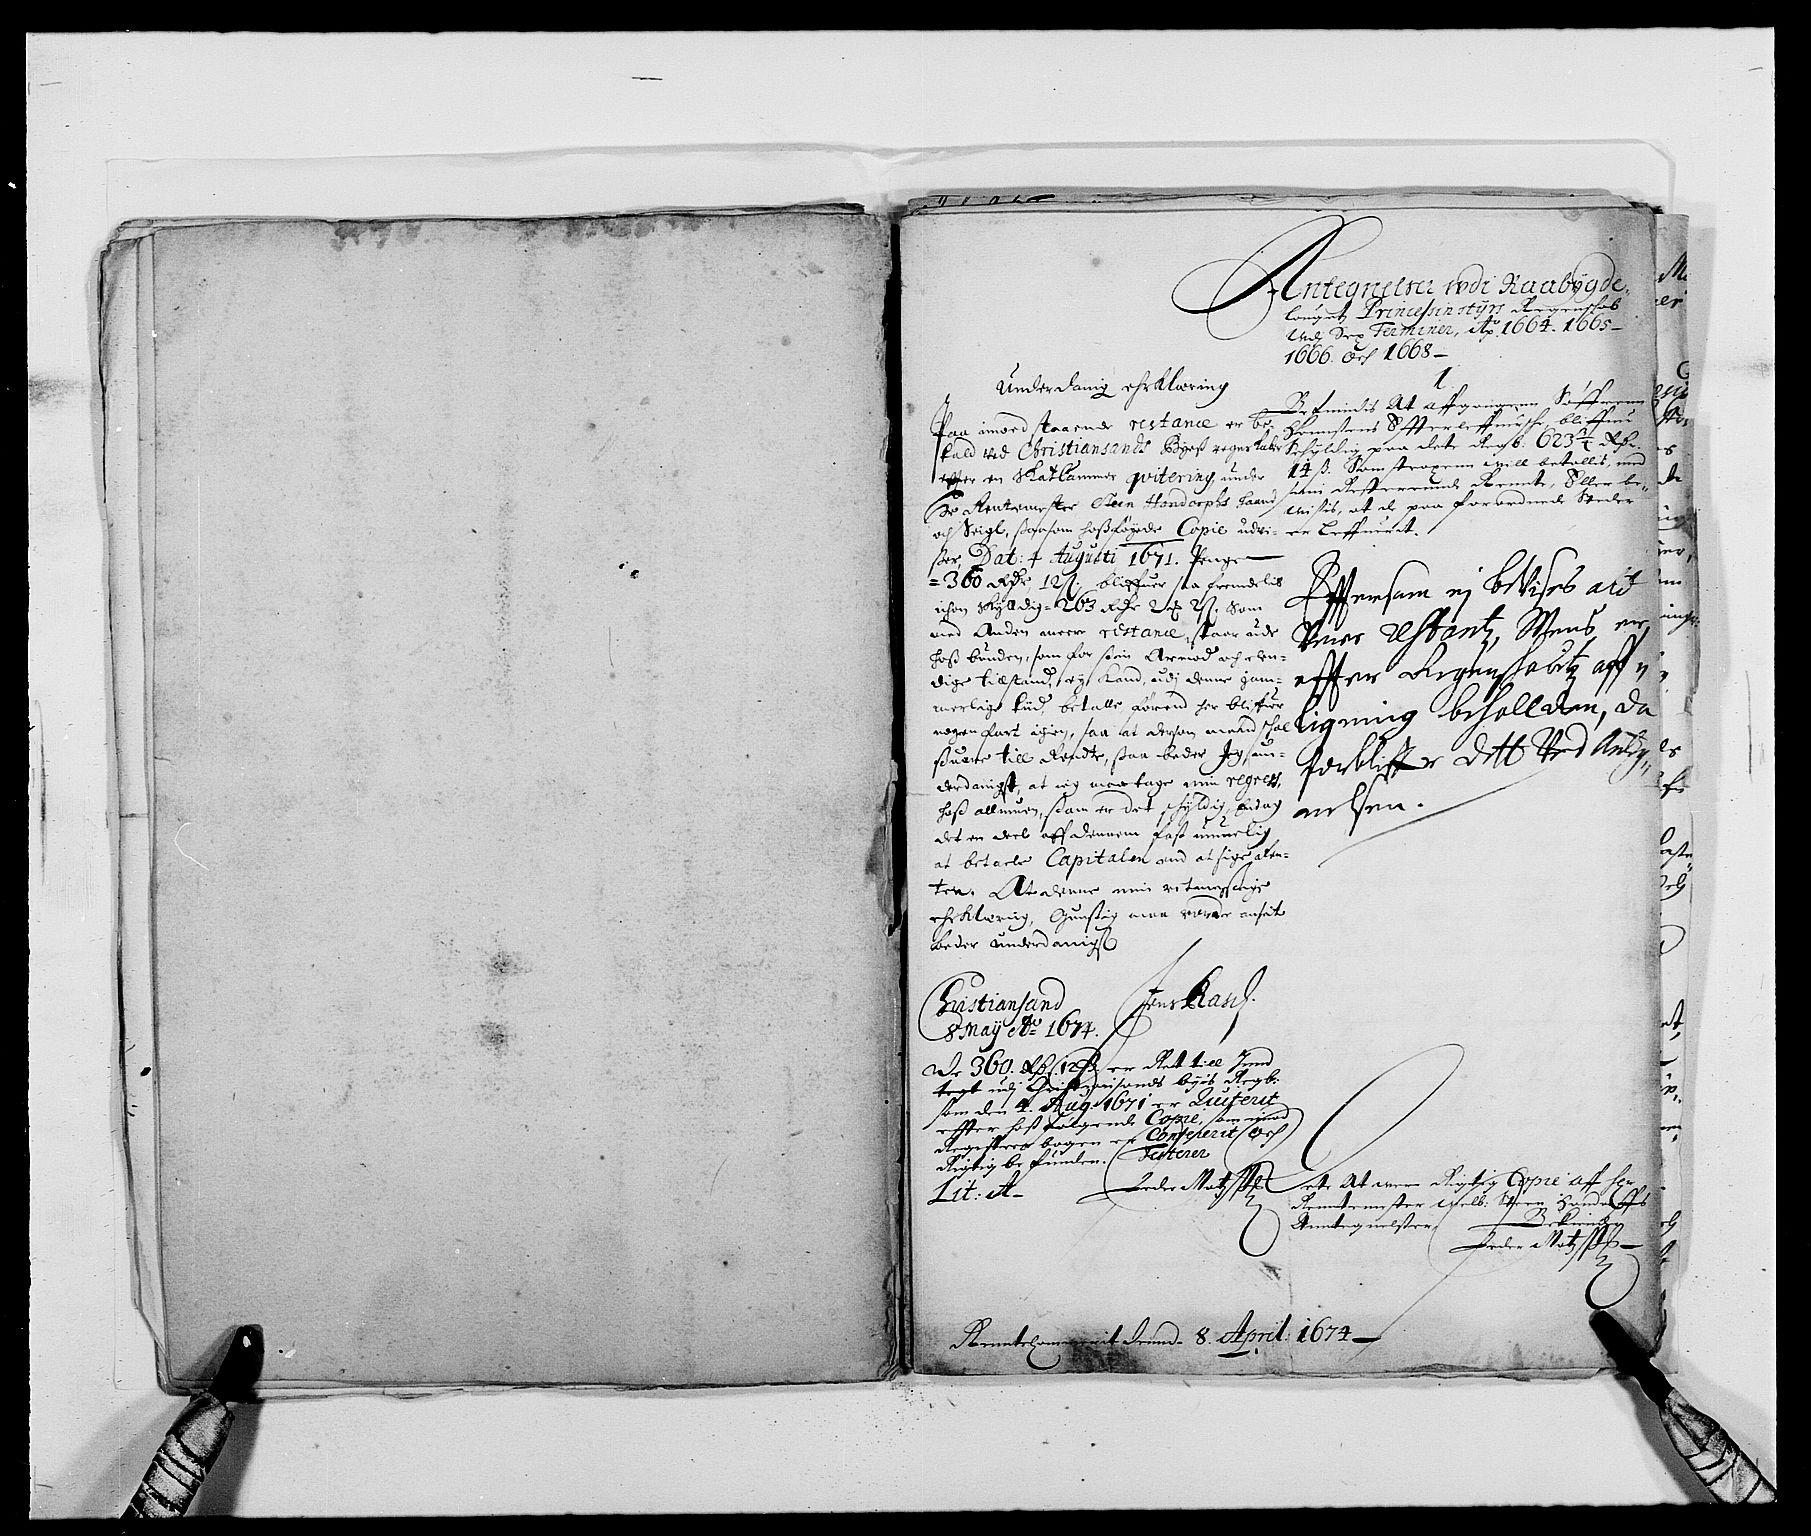 RA, Rentekammeret inntil 1814, Reviderte regnskaper, Fogderegnskap, R40/L2432: Fogderegnskap Råbyggelag, 1669-1670, s. 14